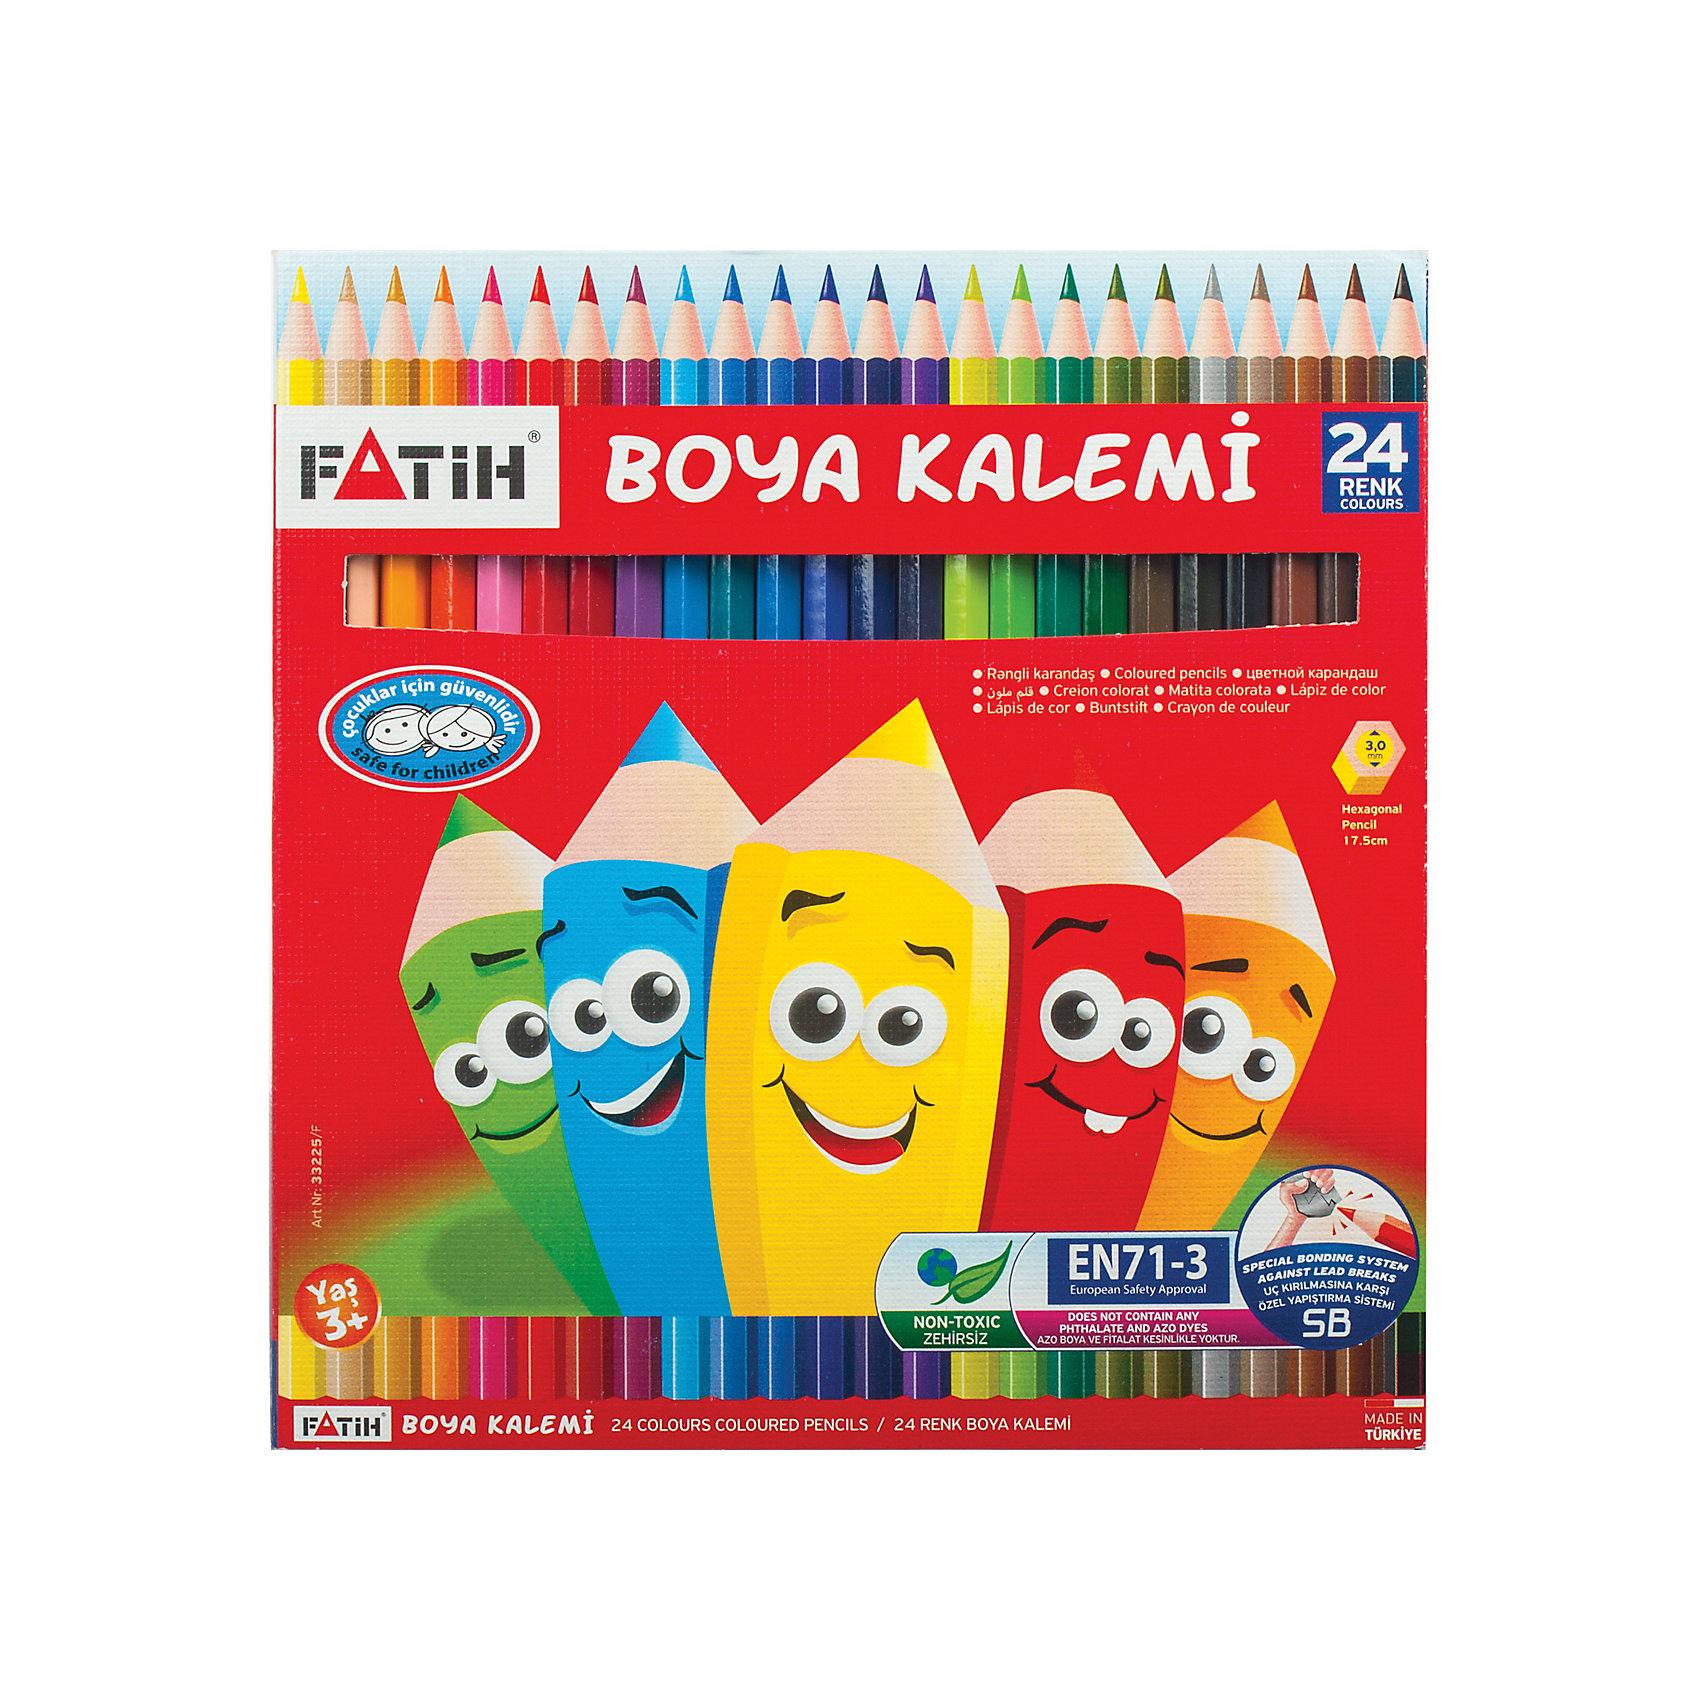 Цветные карандаши, 24 цв., PensanРисование<br>В наборе 24 карандаша ярких и сочных цветов. Для их производства использовалась качественная древесина, которая гарантирует сохранность мягкого грифеля и легкую заточку.<br><br>Дополнительная информация: <br><br>- 24 цвета.<br>- Шестигранный корпус.<br>- Высокосортная древесина.<br>- Легко затачиваются.<br>- Размер упаковки: 0,8х17х18  см.<br>- Вес в упаковке: 4 г.<br><br>Цветные карандаши Pensan  можно купить в нашем магазине.<br><br>Ширина мм: 8<br>Глубина мм: 170<br>Высота мм: 180<br>Вес г: 40<br>Возраст от месяцев: 72<br>Возраст до месяцев: 2147483647<br>Пол: Унисекс<br>Возраст: Детский<br>SKU: 4792675